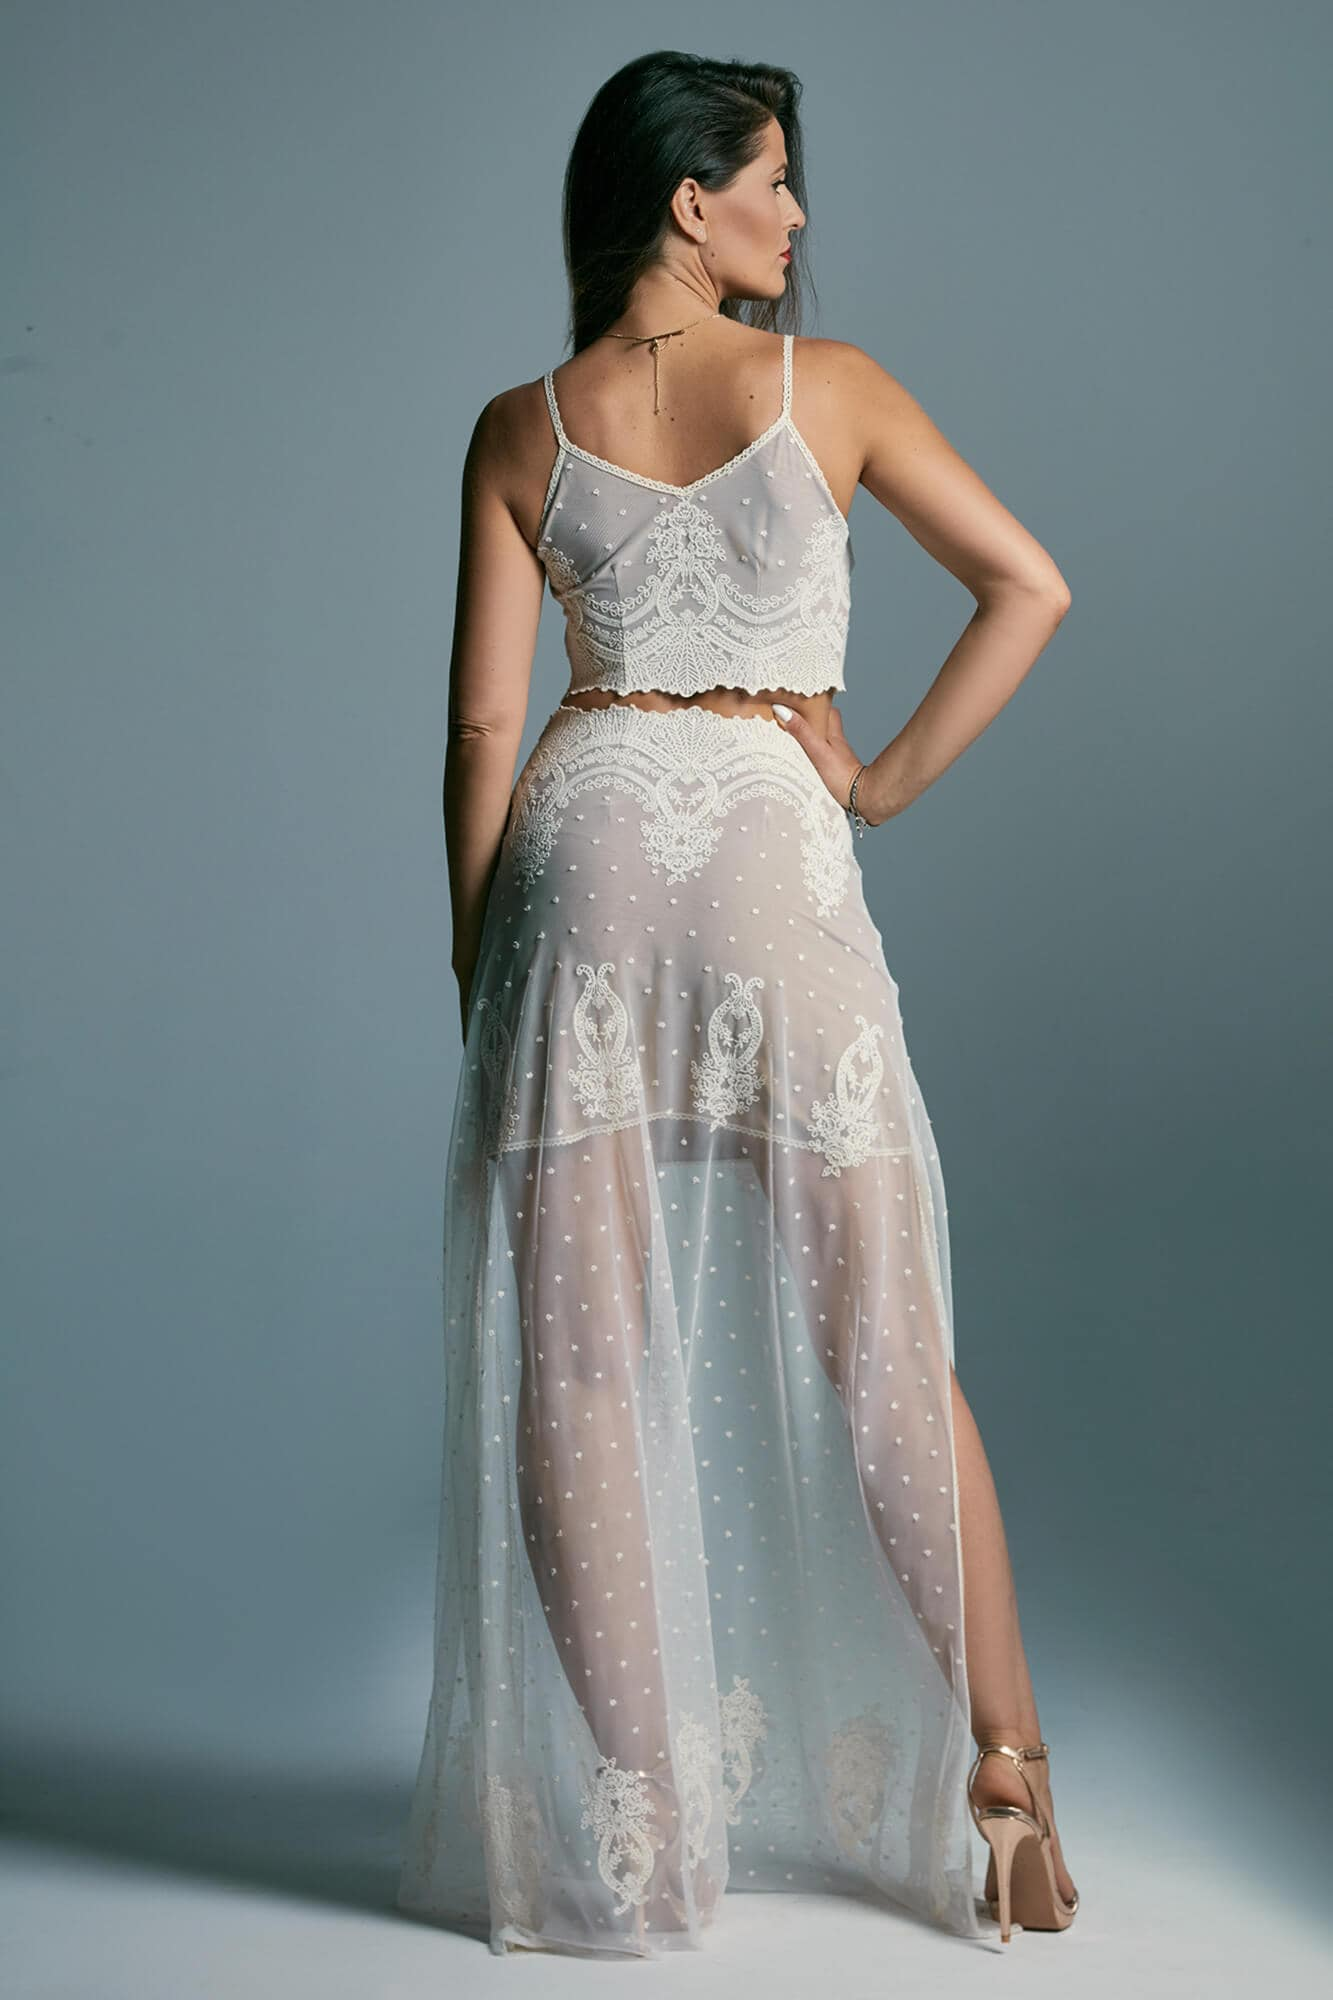 Oryginalna, dwuczęściowa suknia ślubna, delikatna niczym mgiełka Barcelona 7